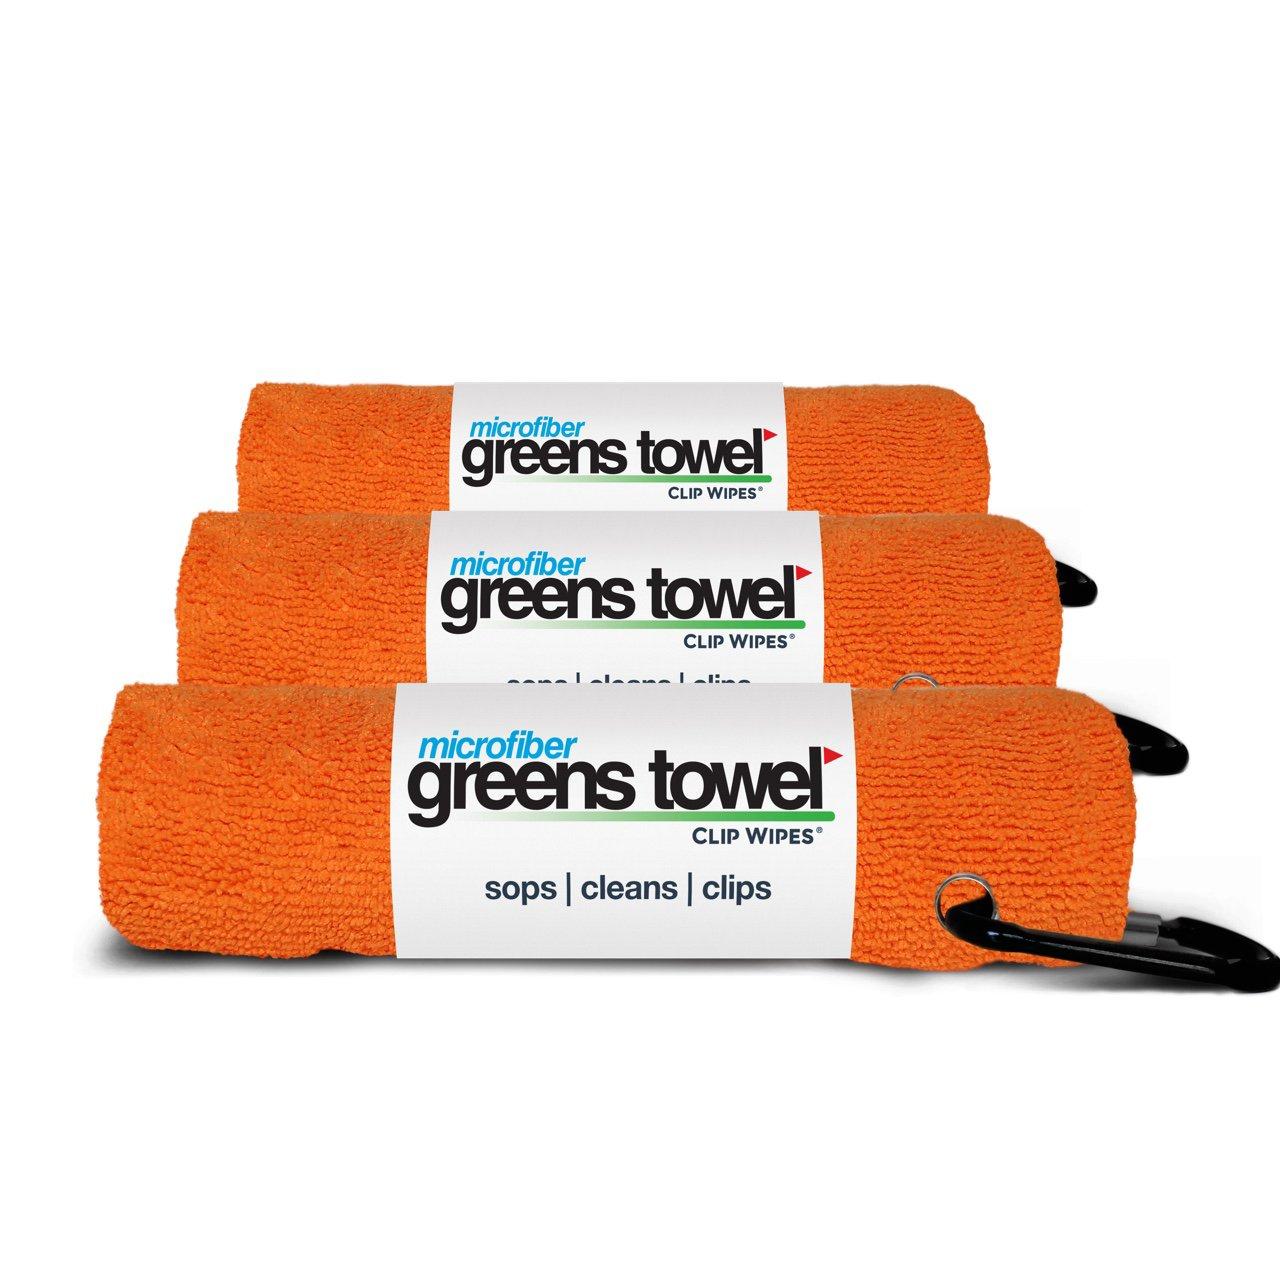 Greens Towel Microfiber, 3 Pack of Orange Crush 16'' x 16'', Carabiner Clip by Greens Towel